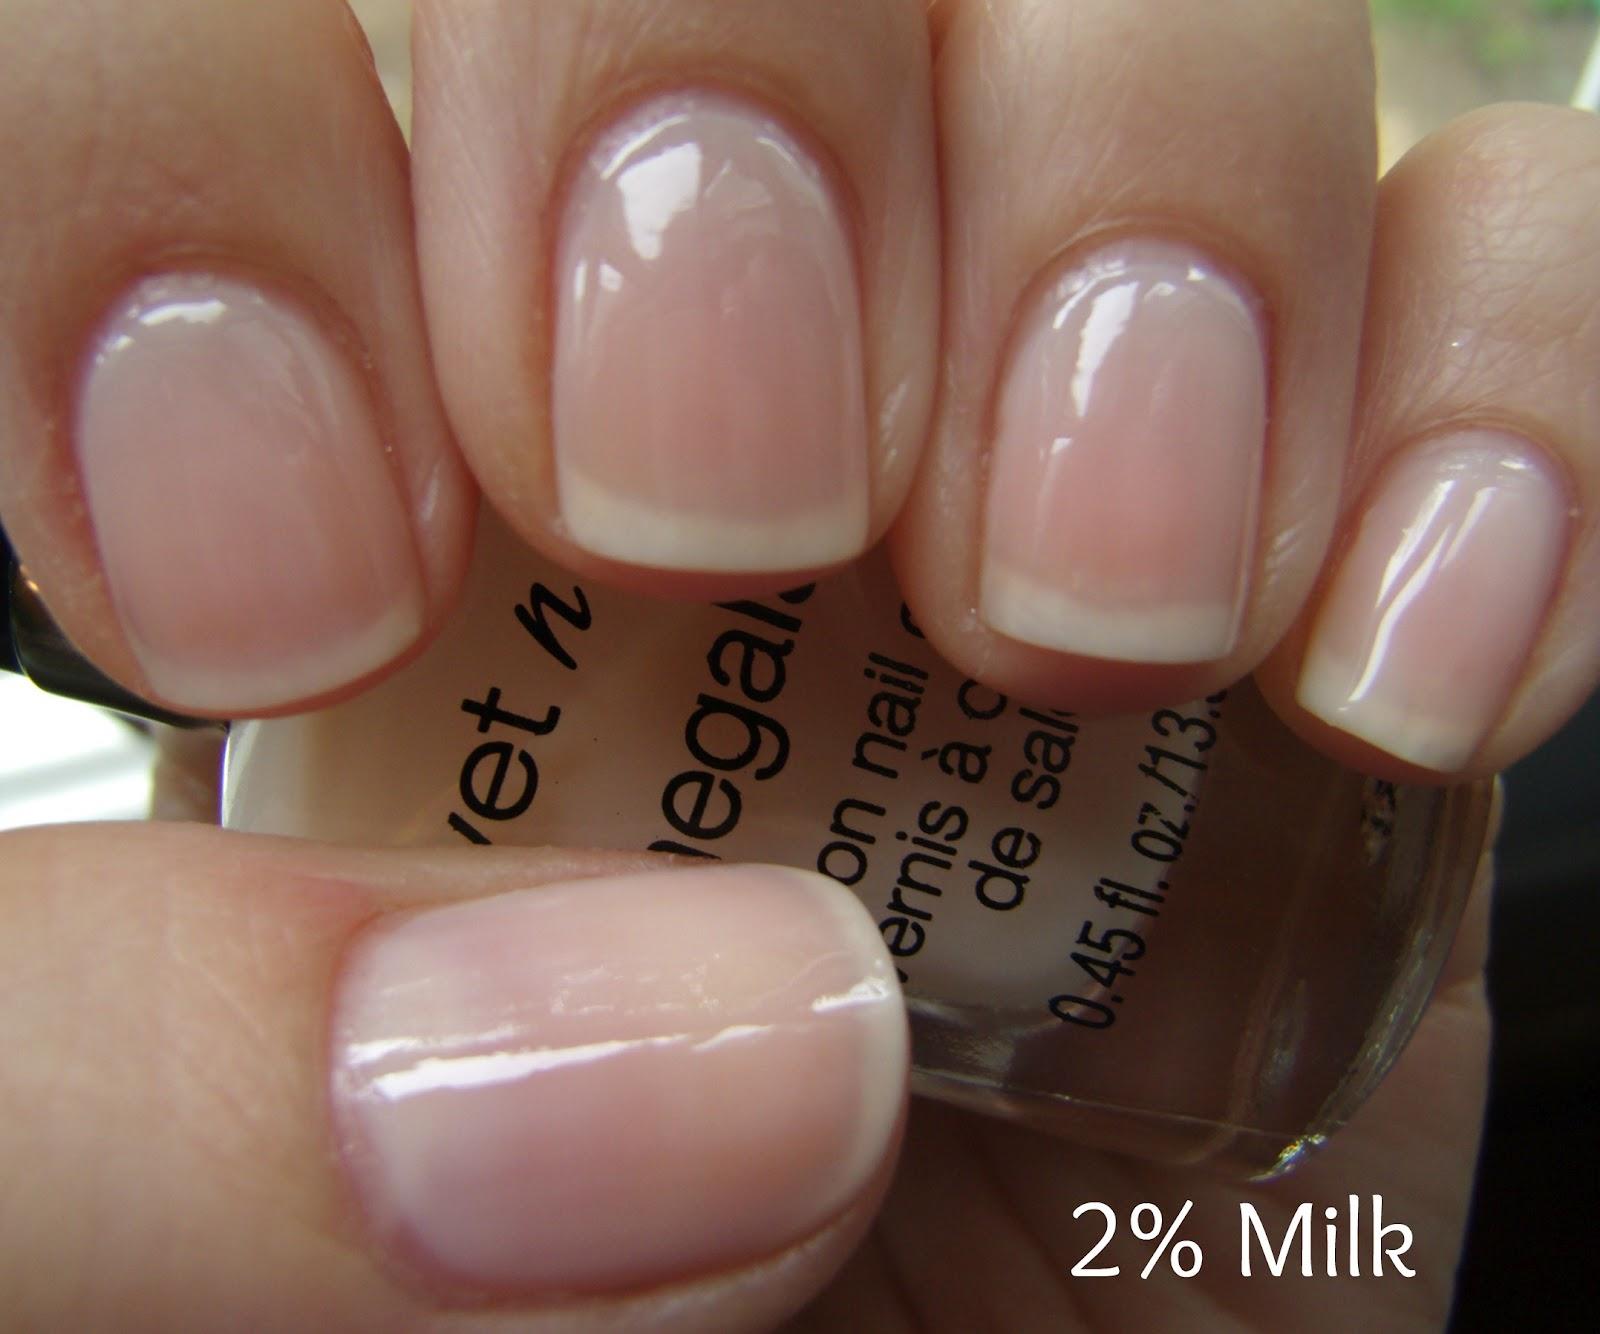 Obsessive Cosmetic Hoarders Unite!: Jelly/Glitter Nail